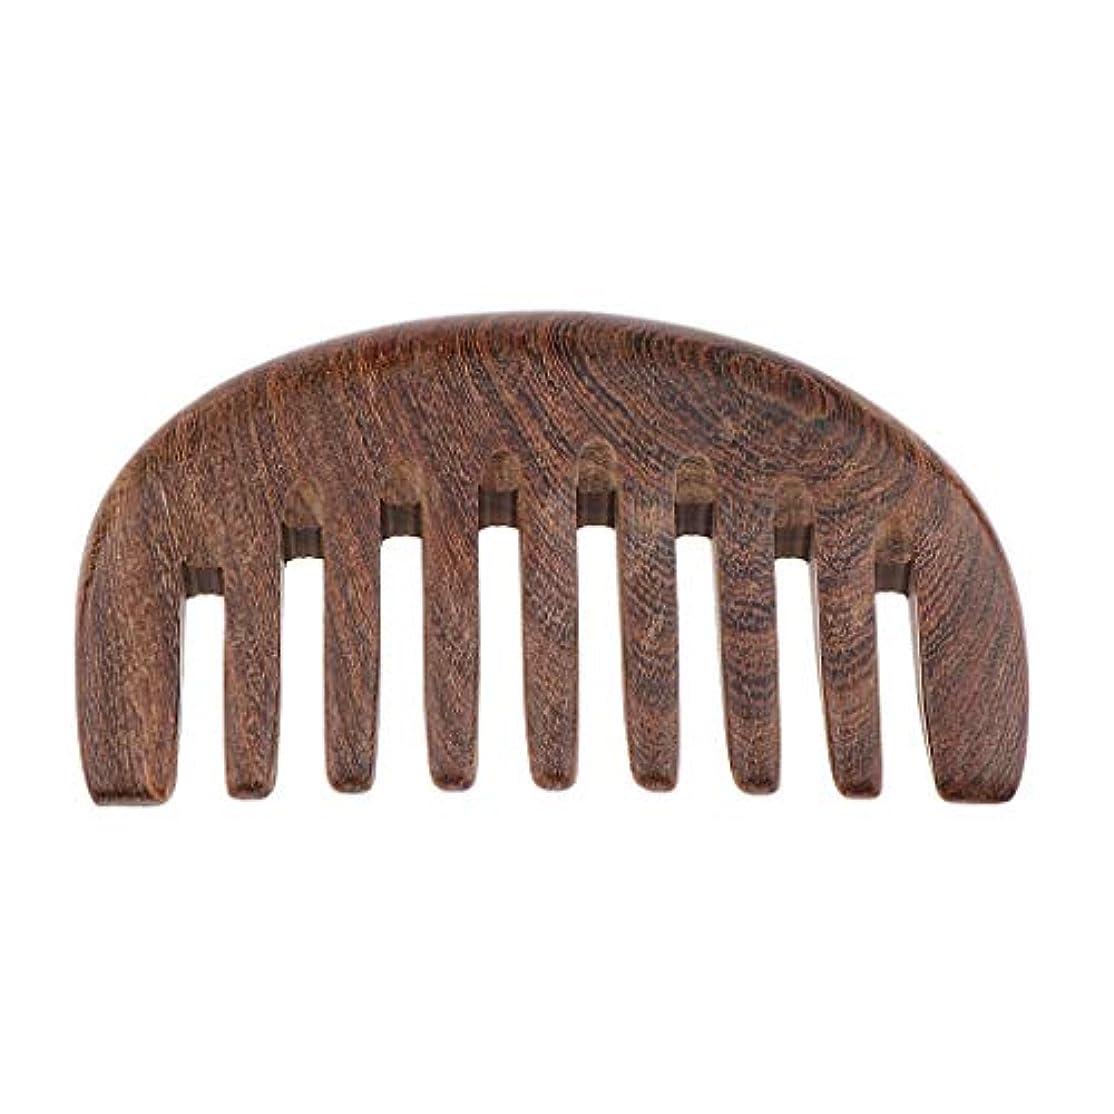 ピアニストほこり飛び込む木製ヘアコーム 手作り 櫛 ナチュラル木製 マッサージコーム 3色選べ - クロロフォラ